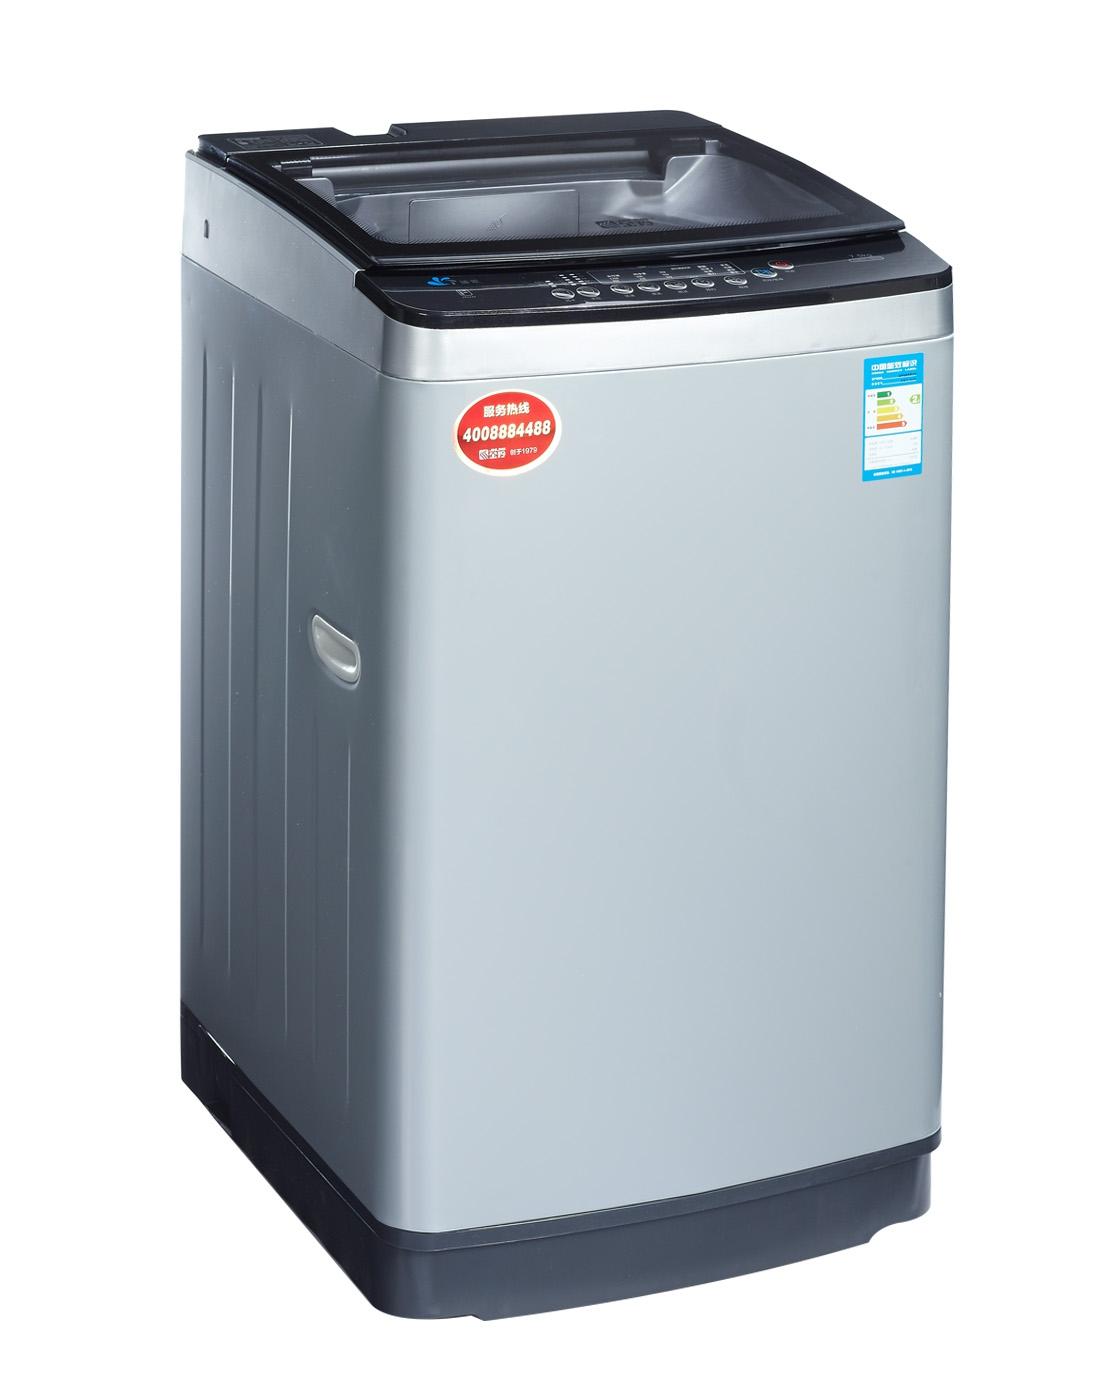 金羚&卡迪洗衣机专场金羚8kg大容量全自动洗衣机